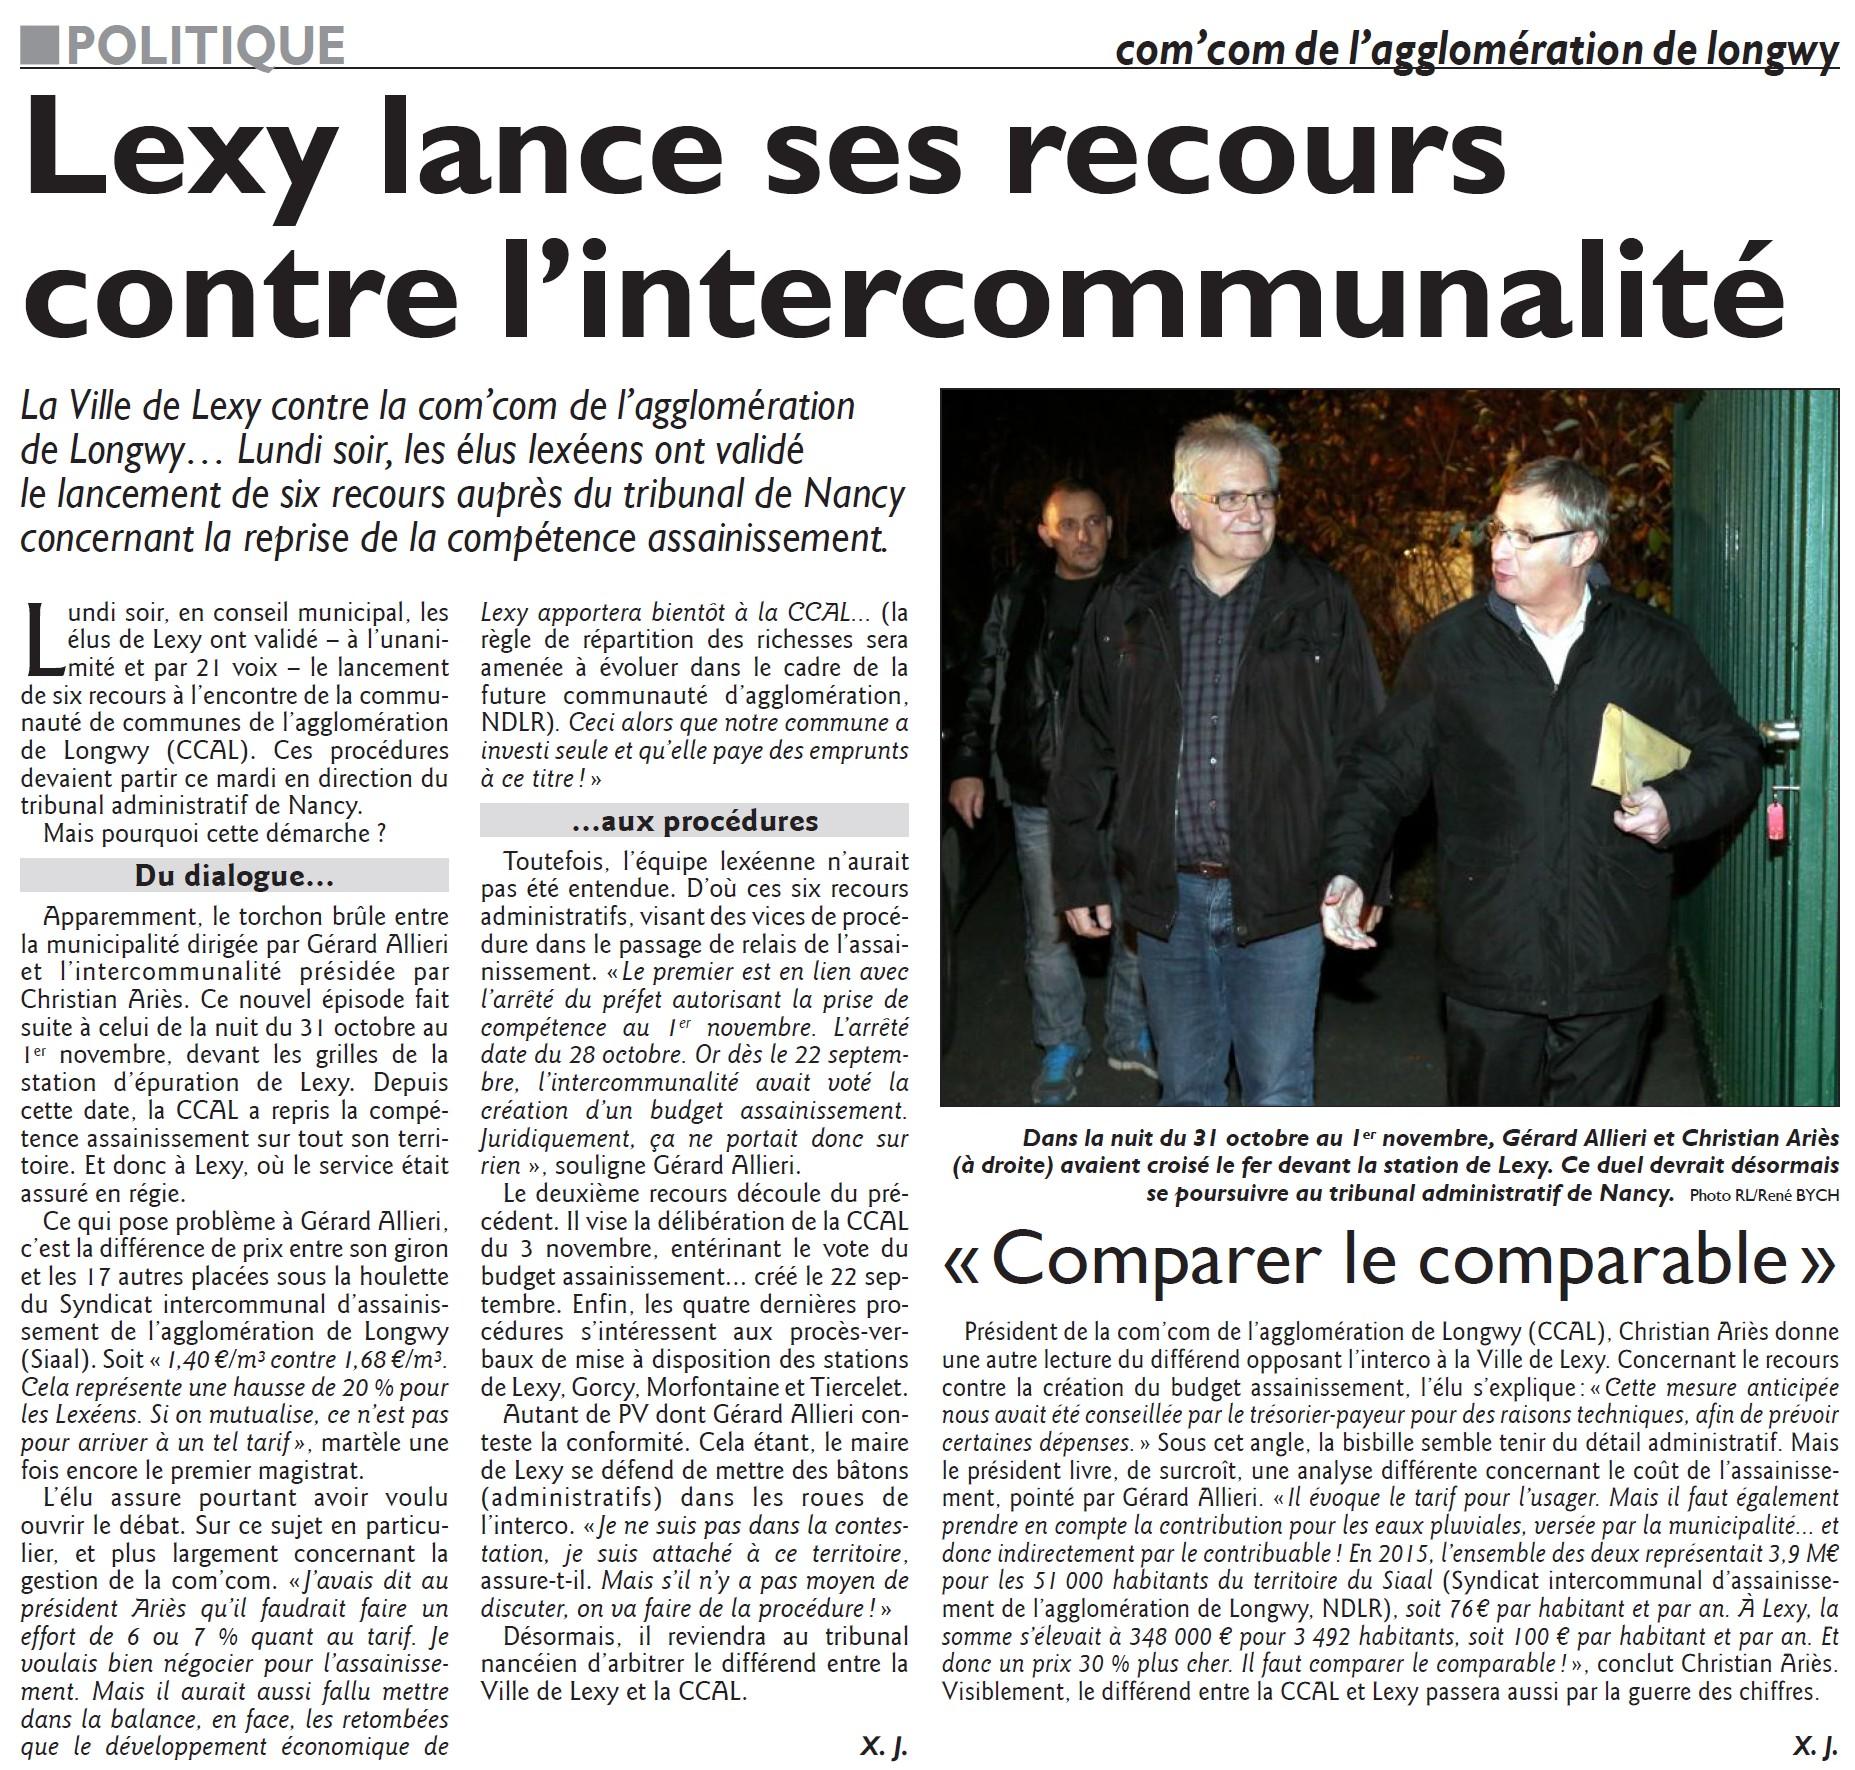 Lexy lance ses recours contre l'intercommunalité